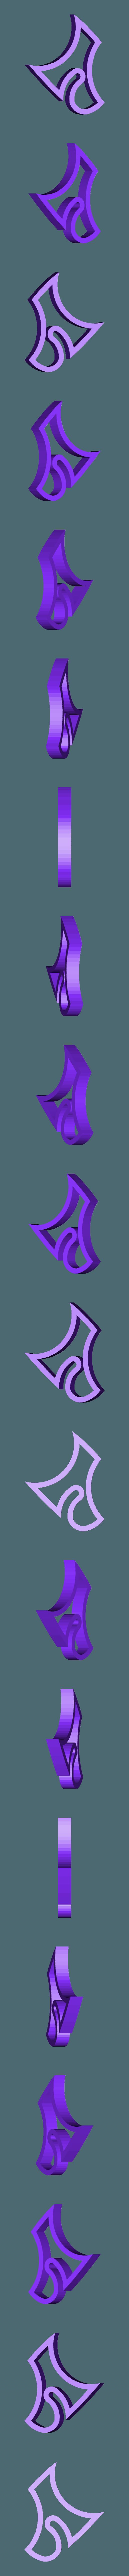 3_left_heart_rose.stl Télécharger fichier STL gratuit Coeur de Quilling imprimé en 3D • Modèle pour impression 3D, TanyaAkinora